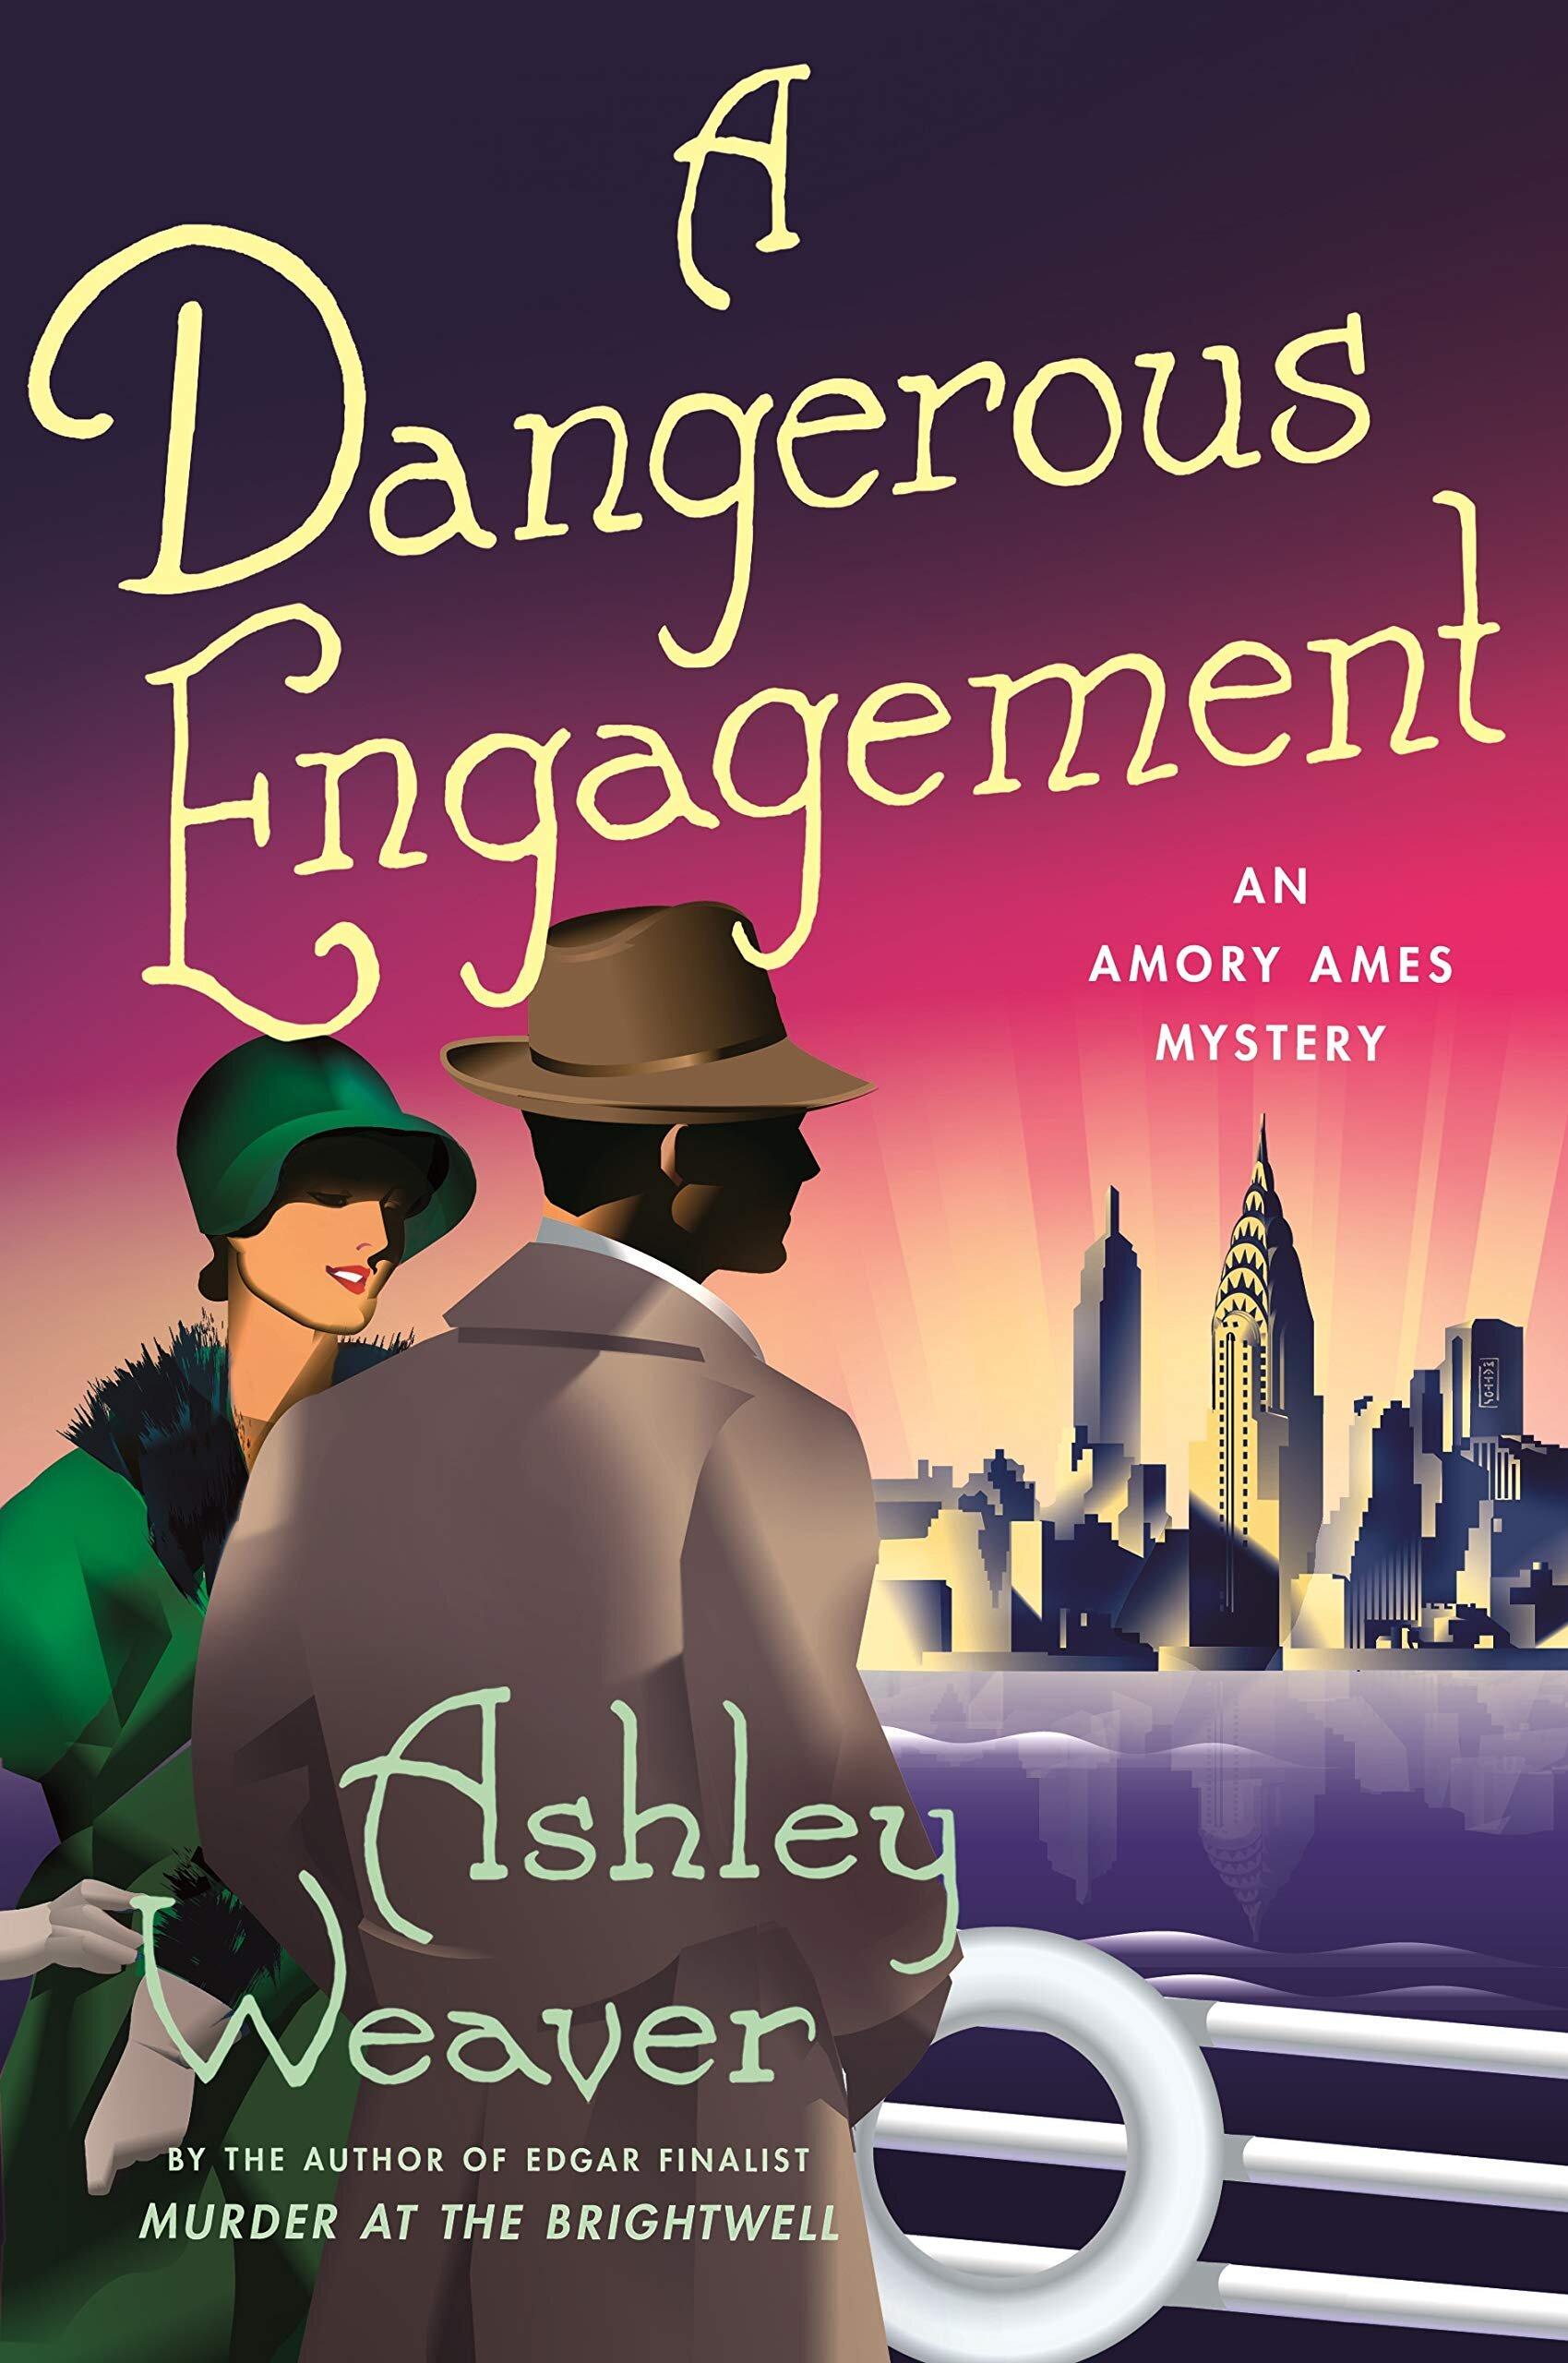 A Dangerous Engagement     by Ashley Weaver Minotaur Books, 2019